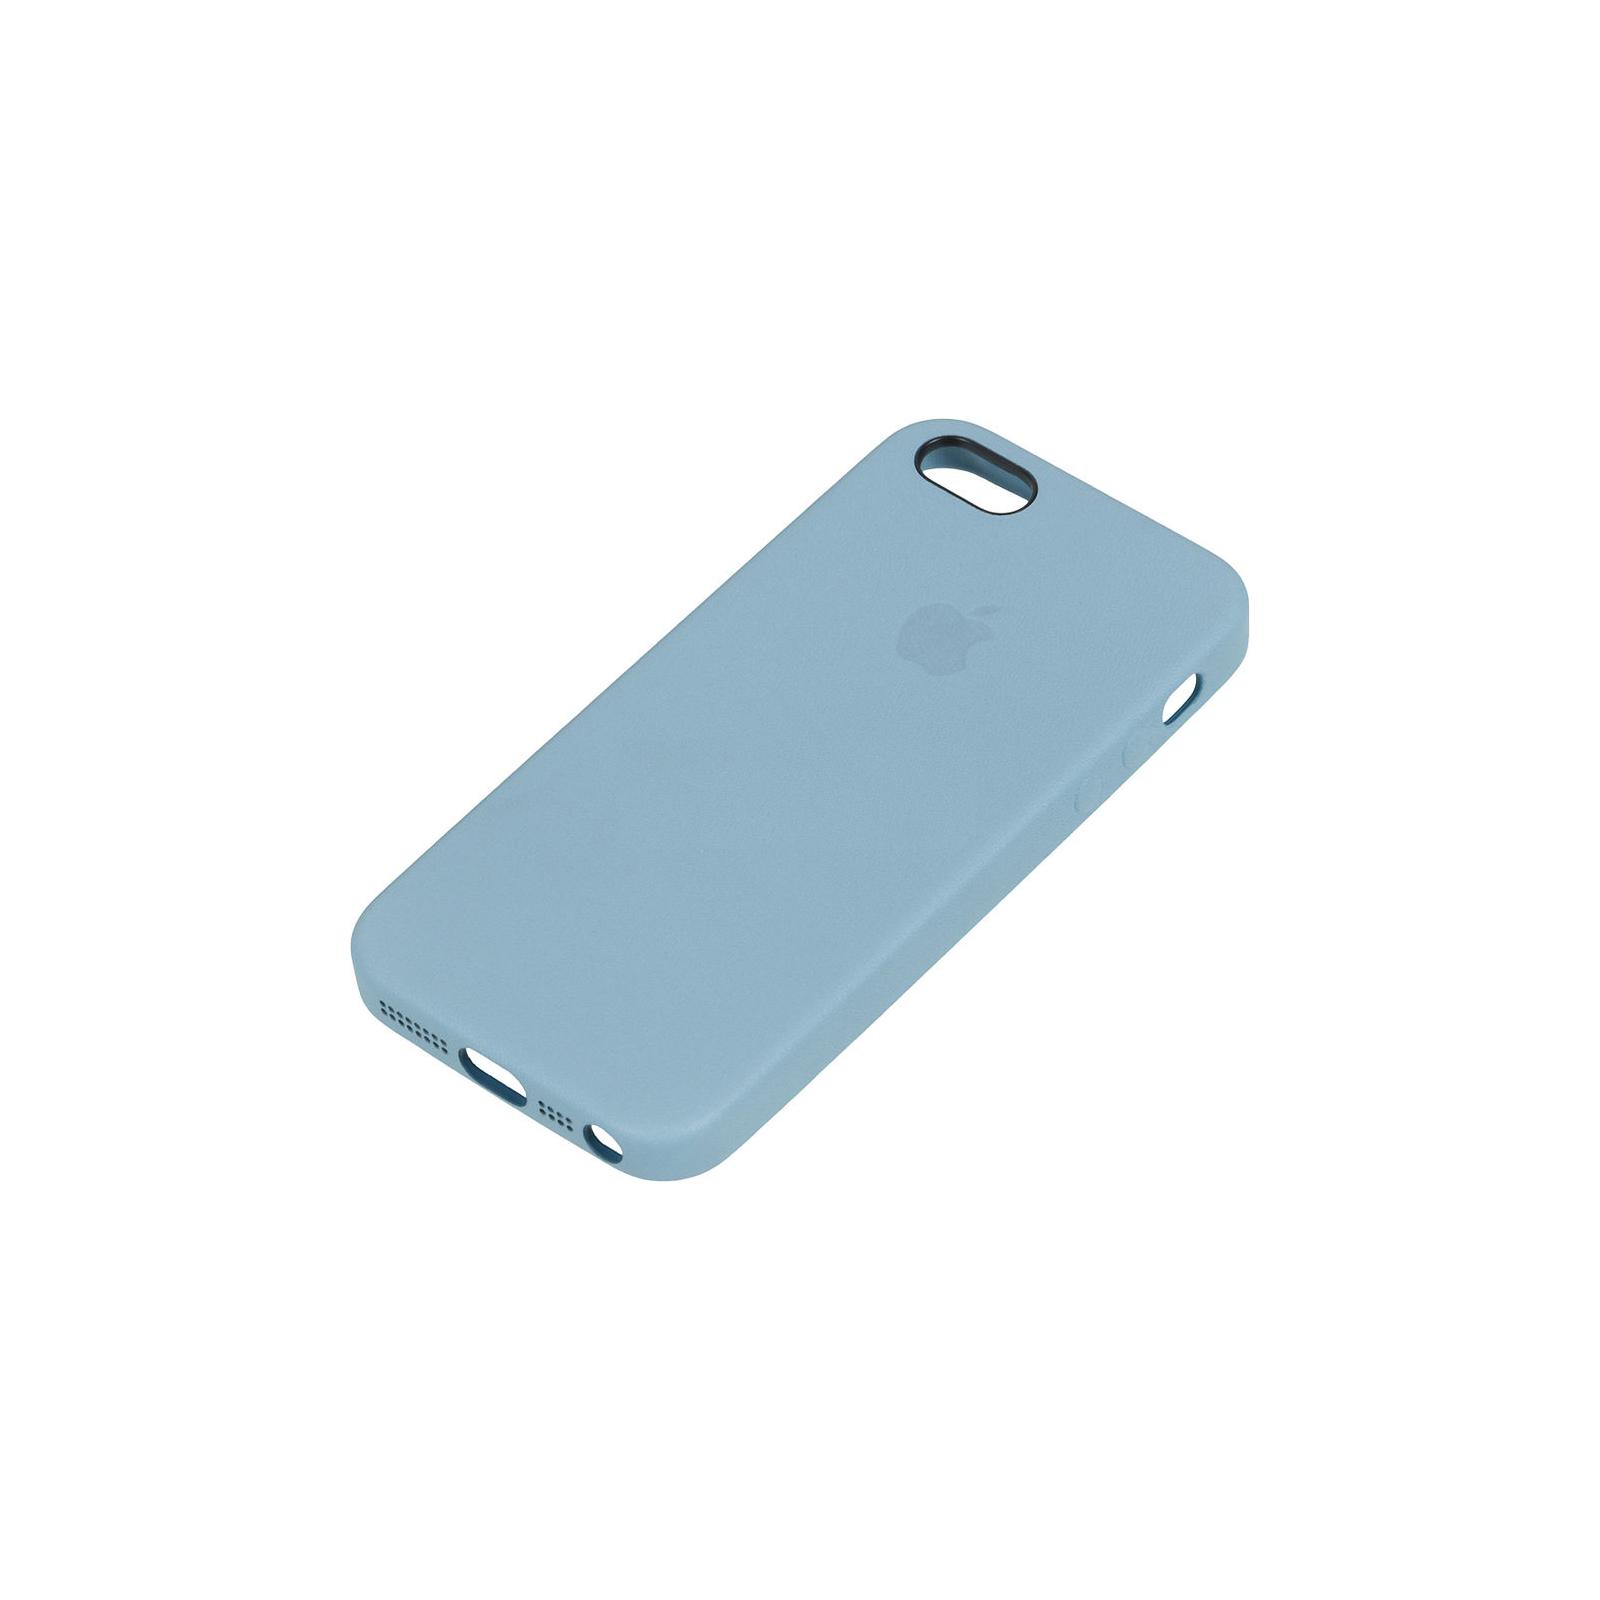 Чехол для моб. телефона Apple для iPhone 5s синий (MF044ZM/A) изображение 4